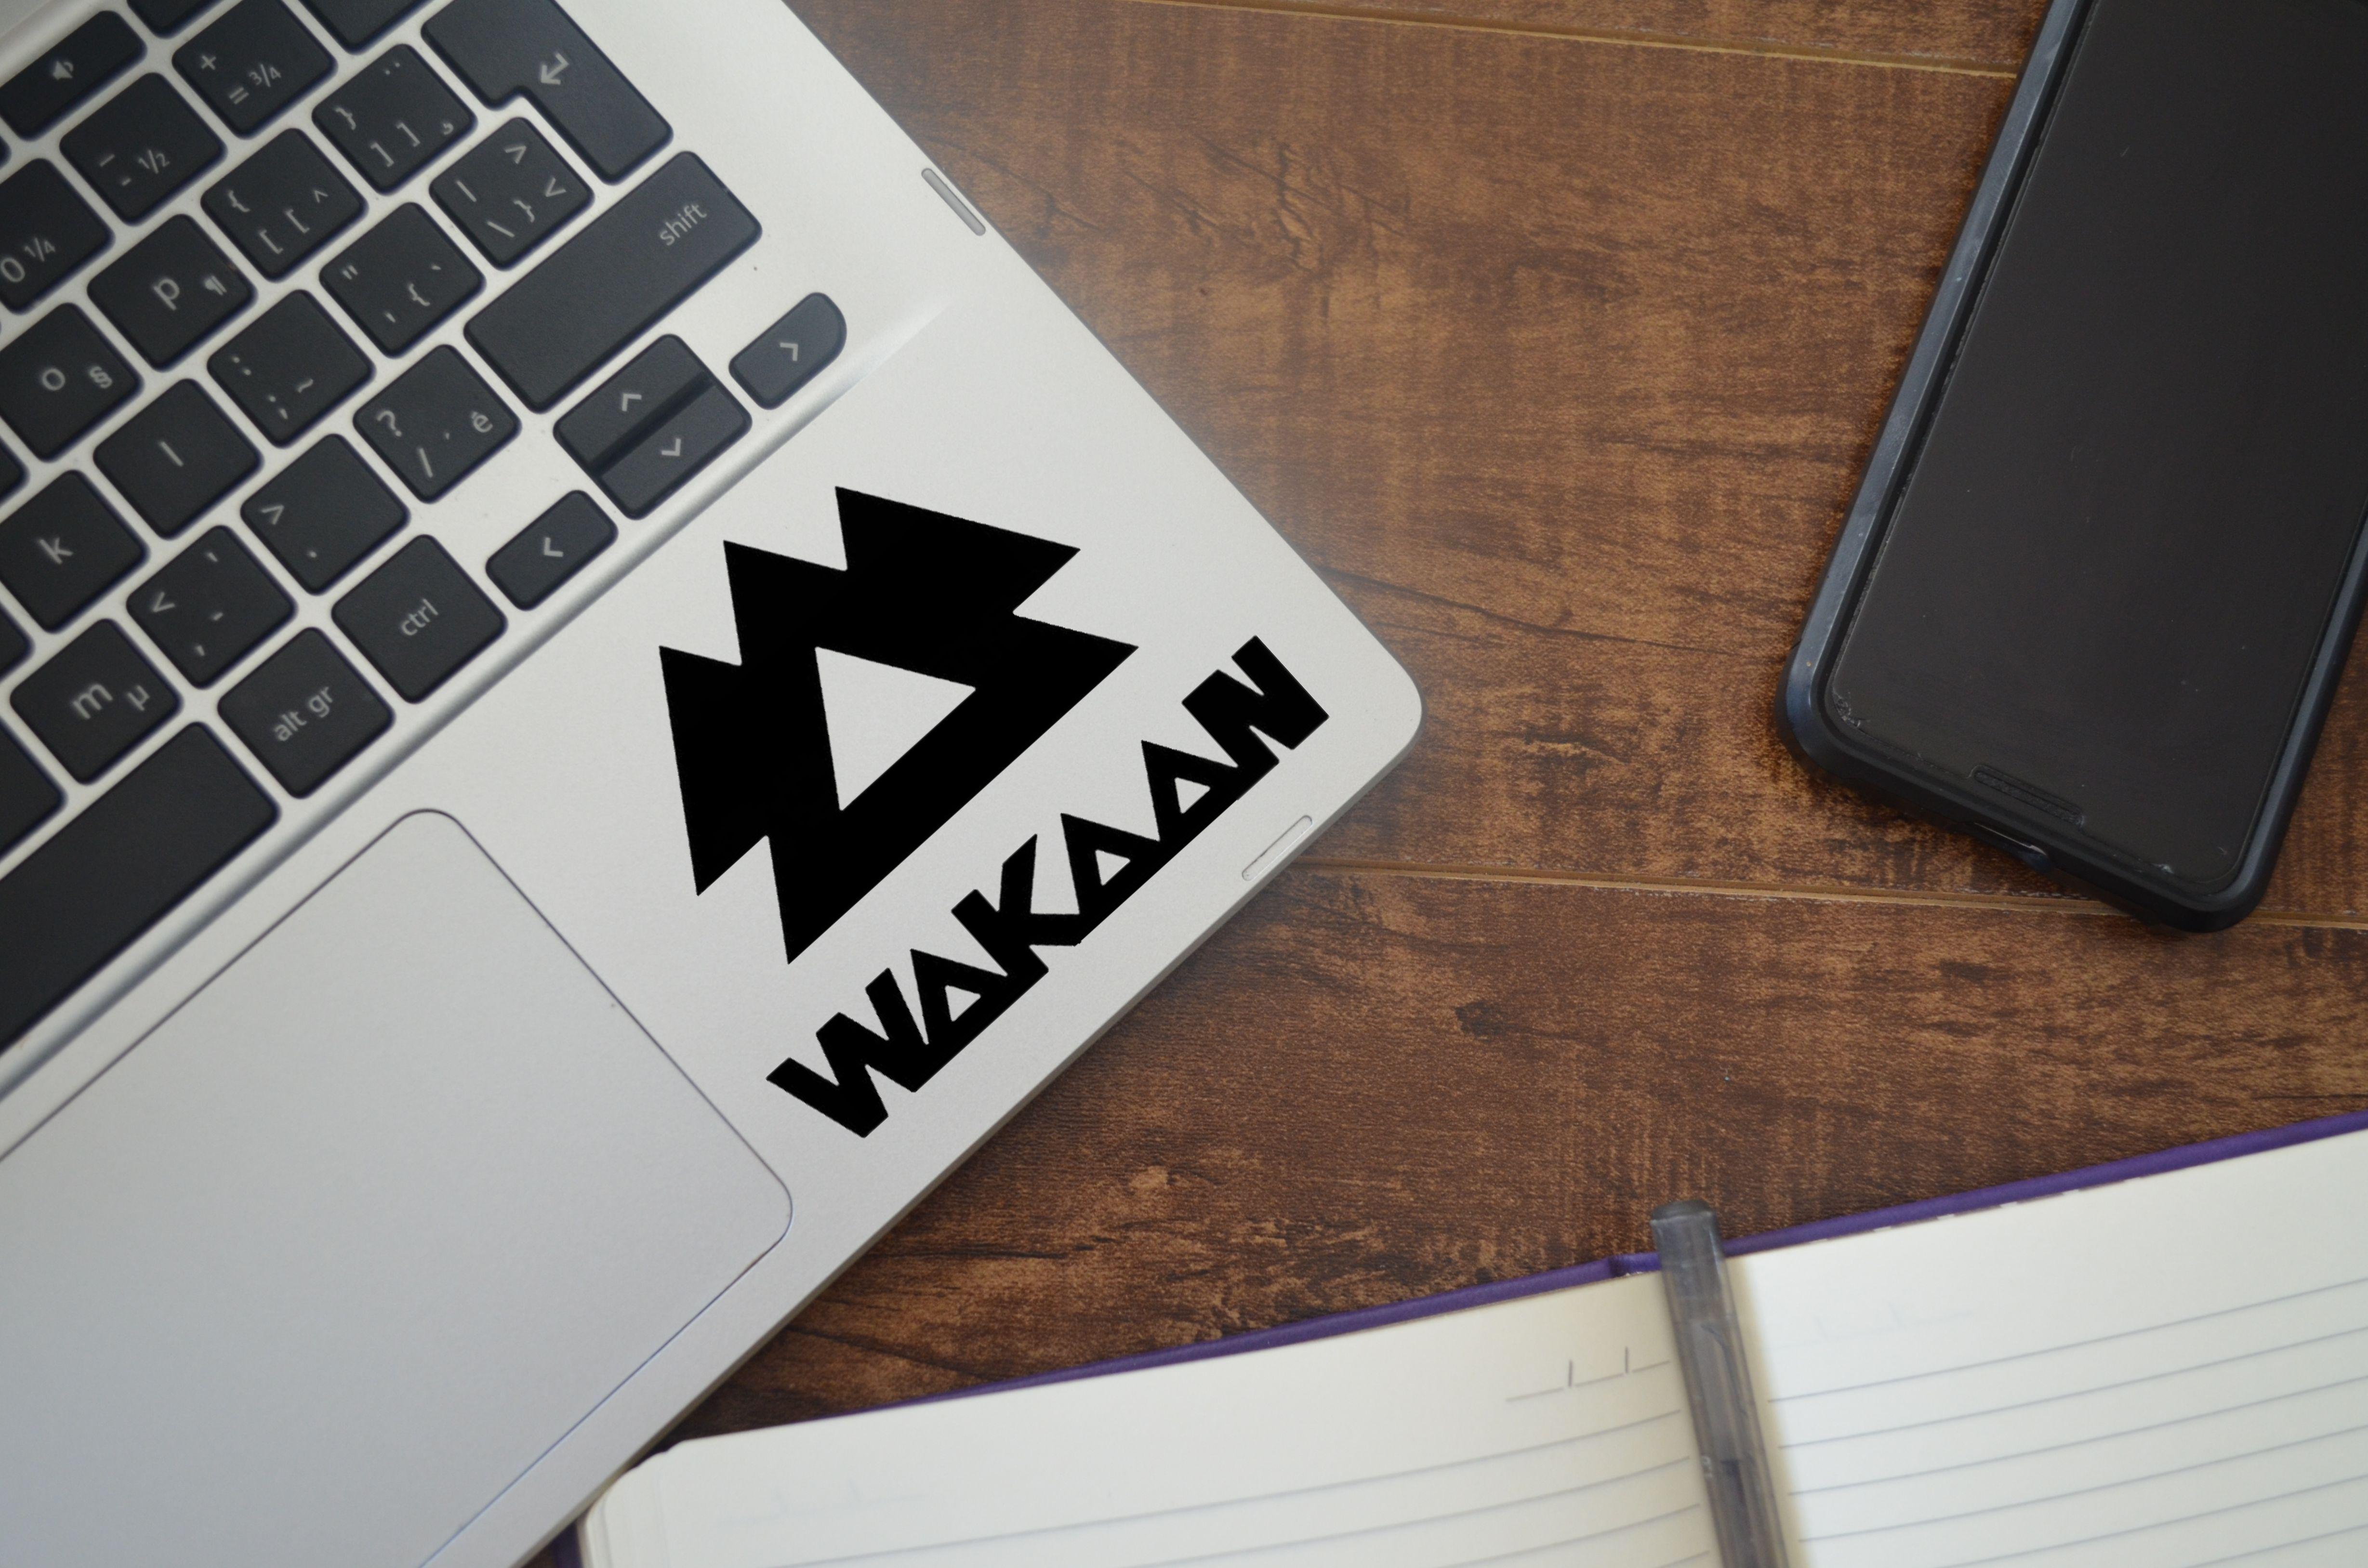 Wakaan Decal Vinyl Decals Bumper Stickers Custom Decals [ 3255 x 4915 Pixel ]